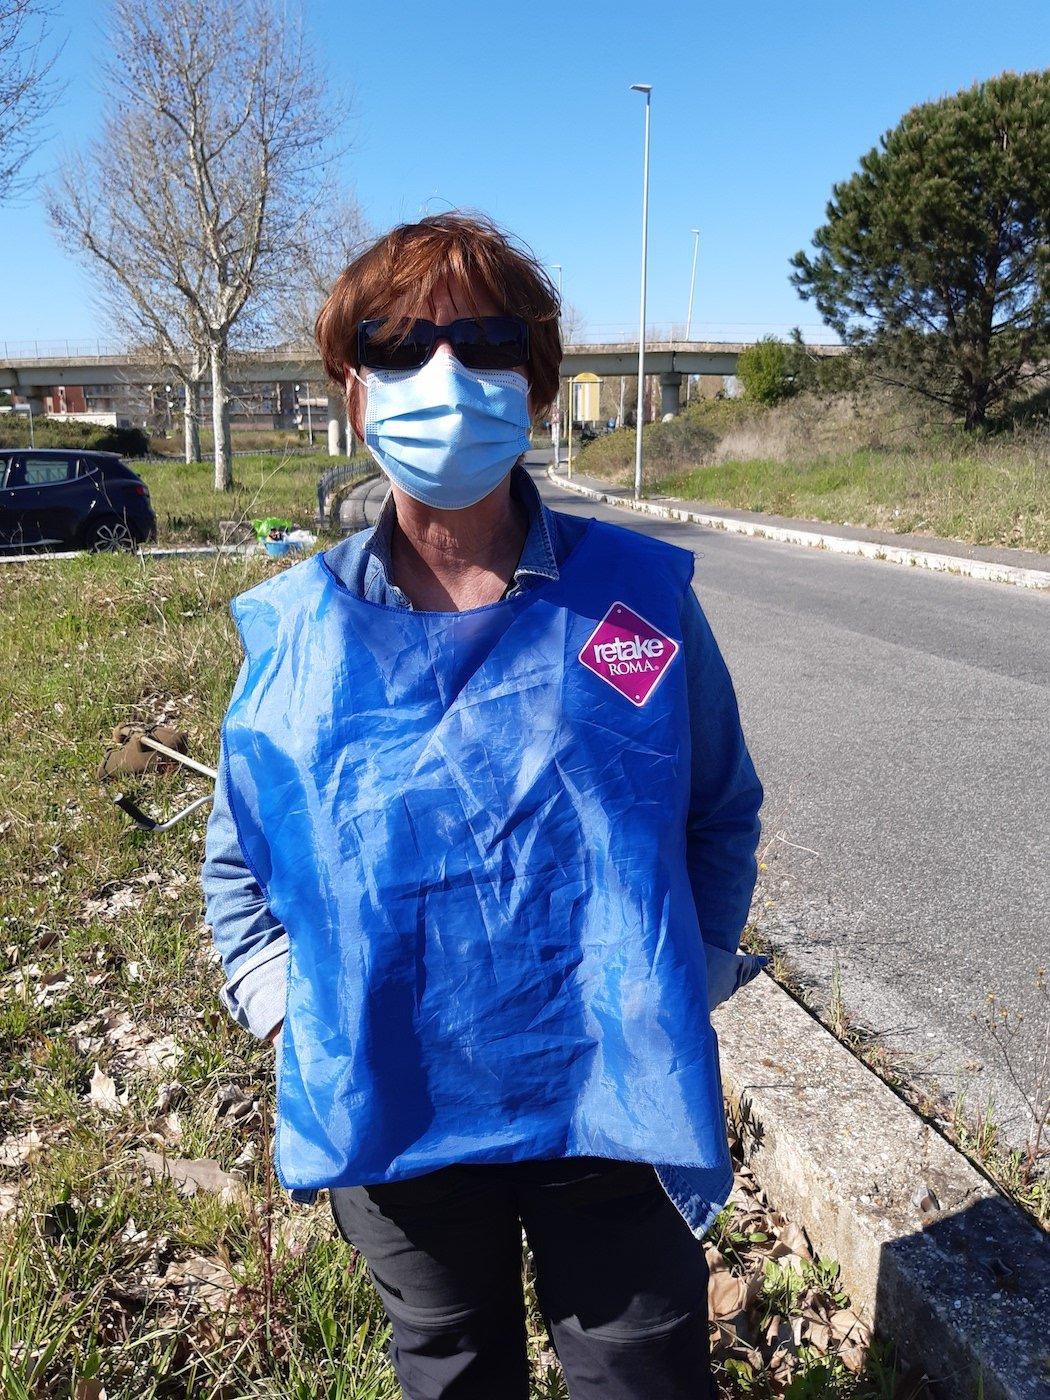 Sonia Radici